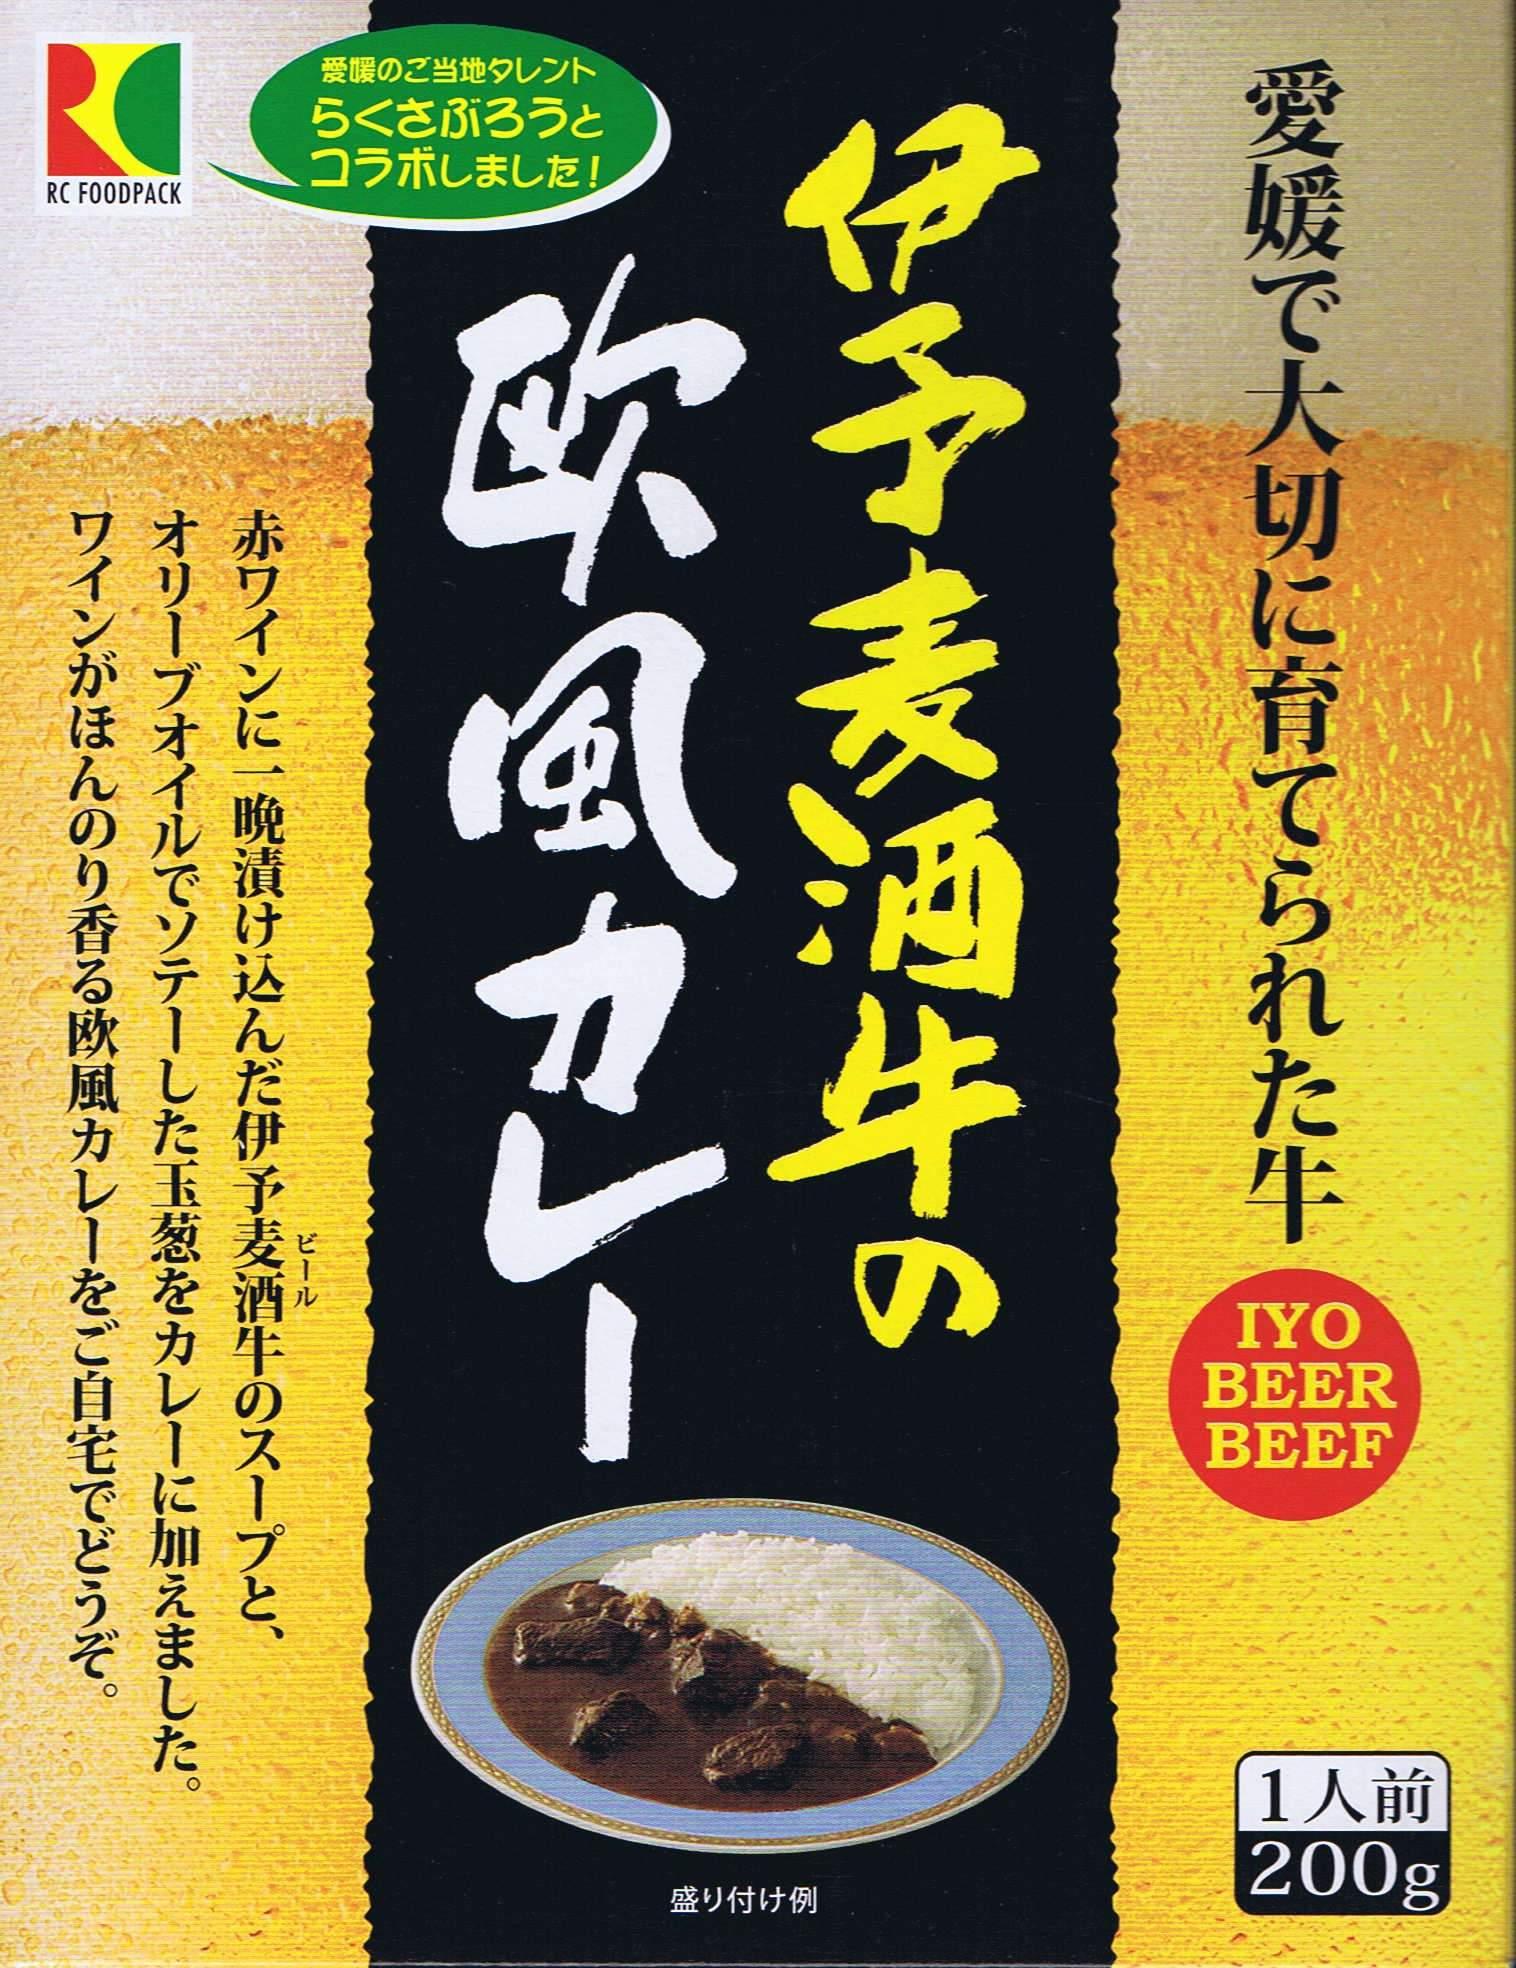 伊予麦酒牛の欧風カレー 愛媛ご当地カレー <ワイン香る欧風カレー>